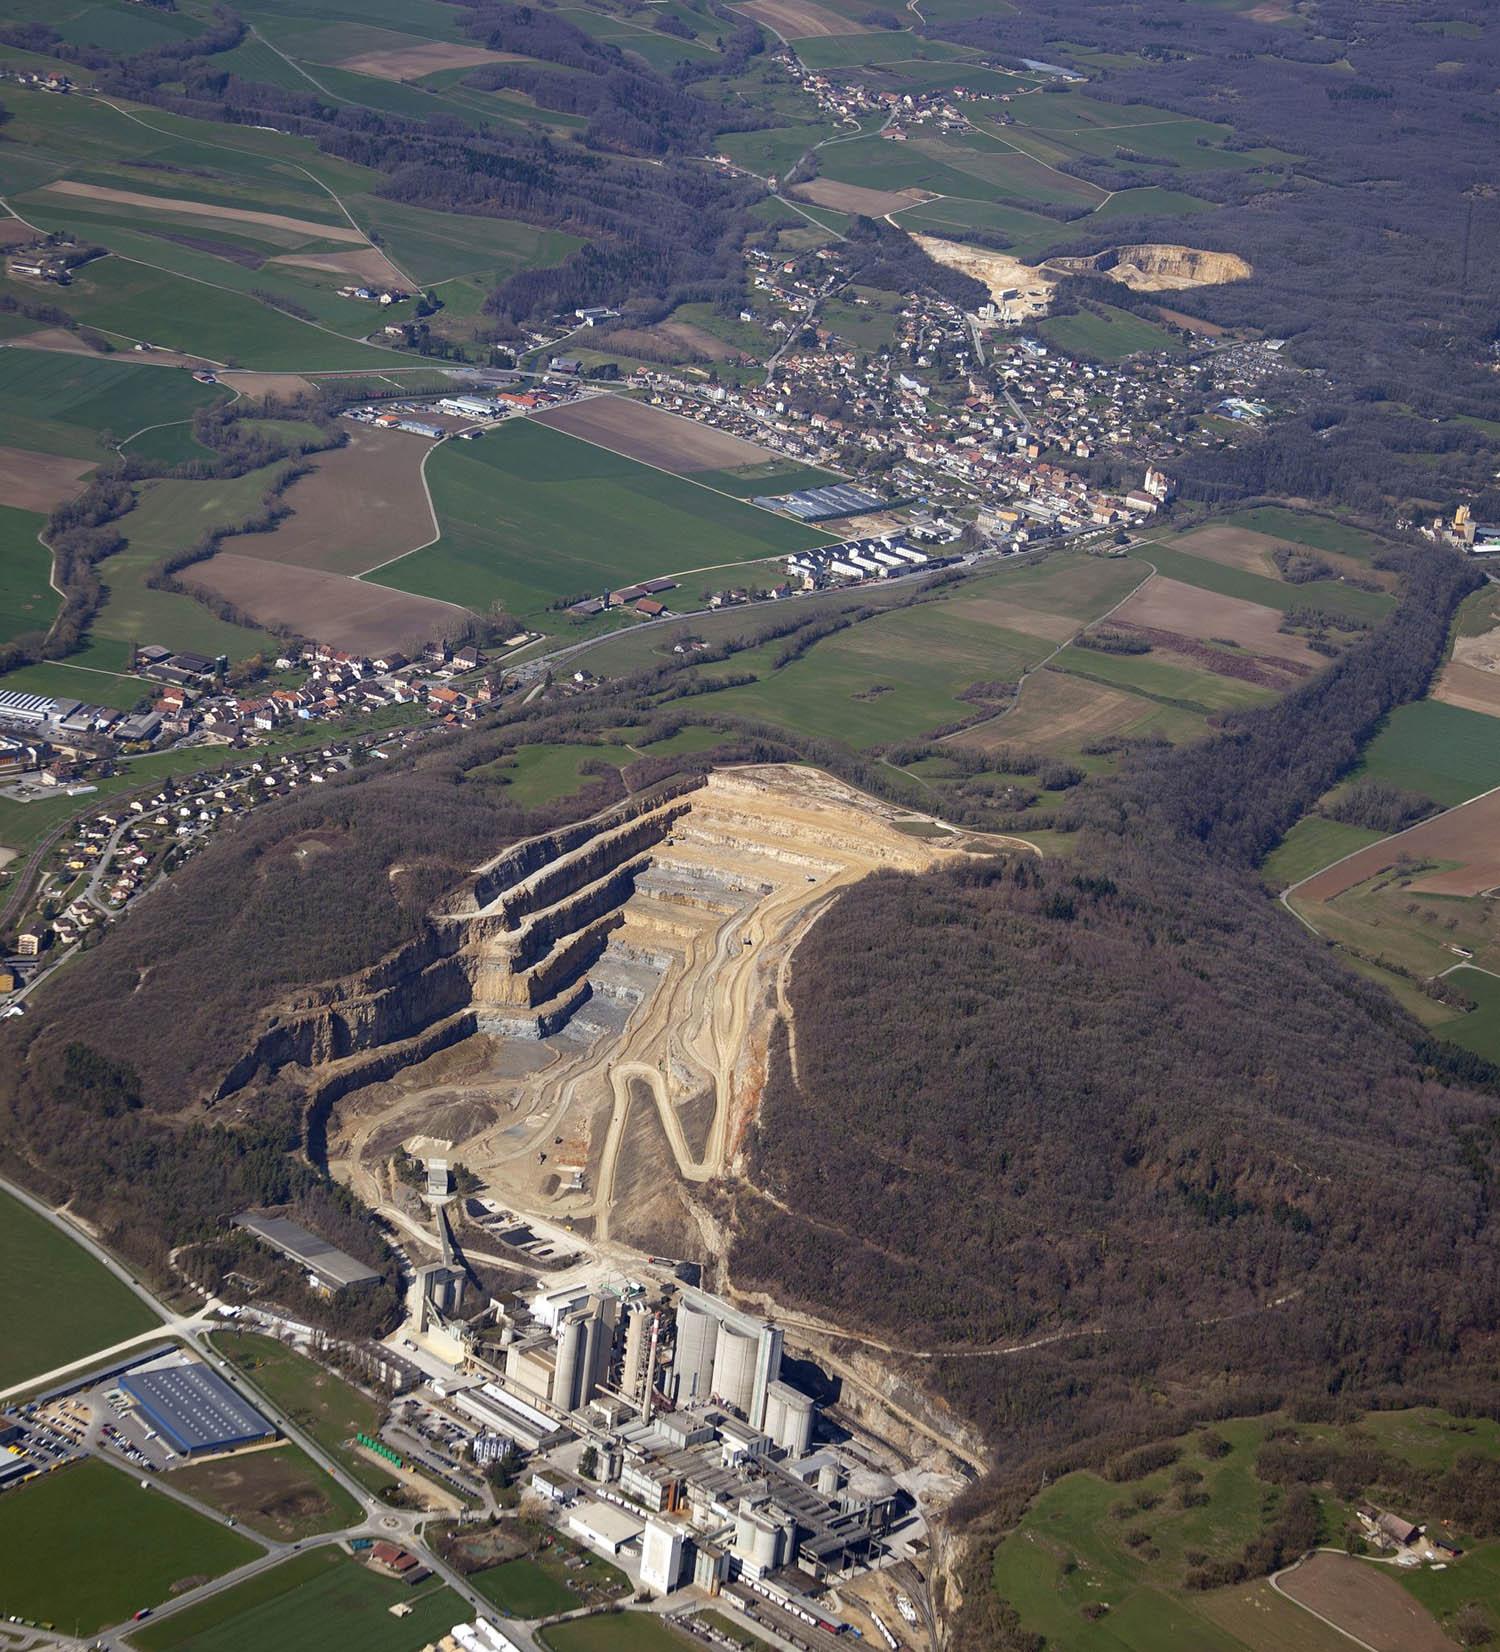 跨国水泥公司在瑞士莫蒙山丘大肆开采水泥,当地也掀起环境保护运动浪潮。(photo by AndréLocher)